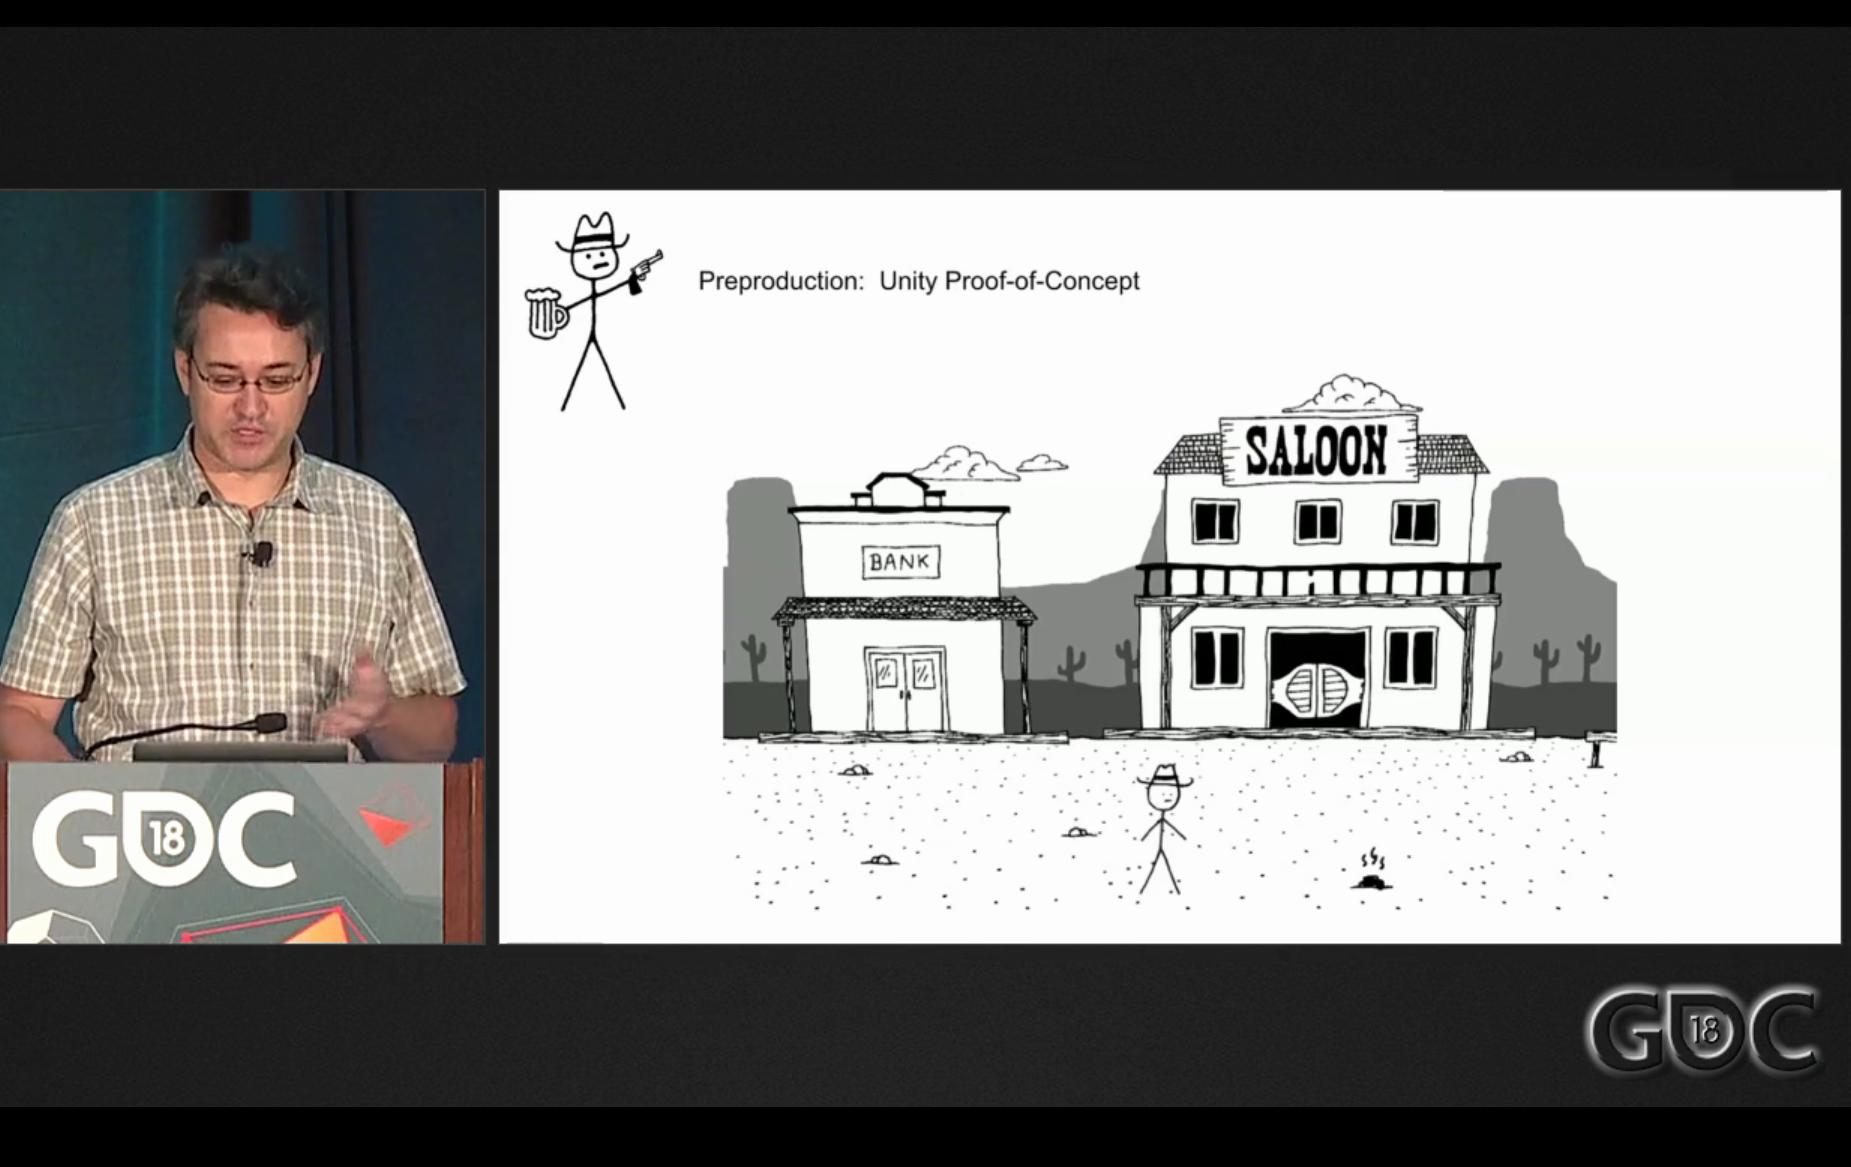 Jack Johnson mostra uno dei primissimi prototipi del gioco, sostanzialmente identico alla versione finale.